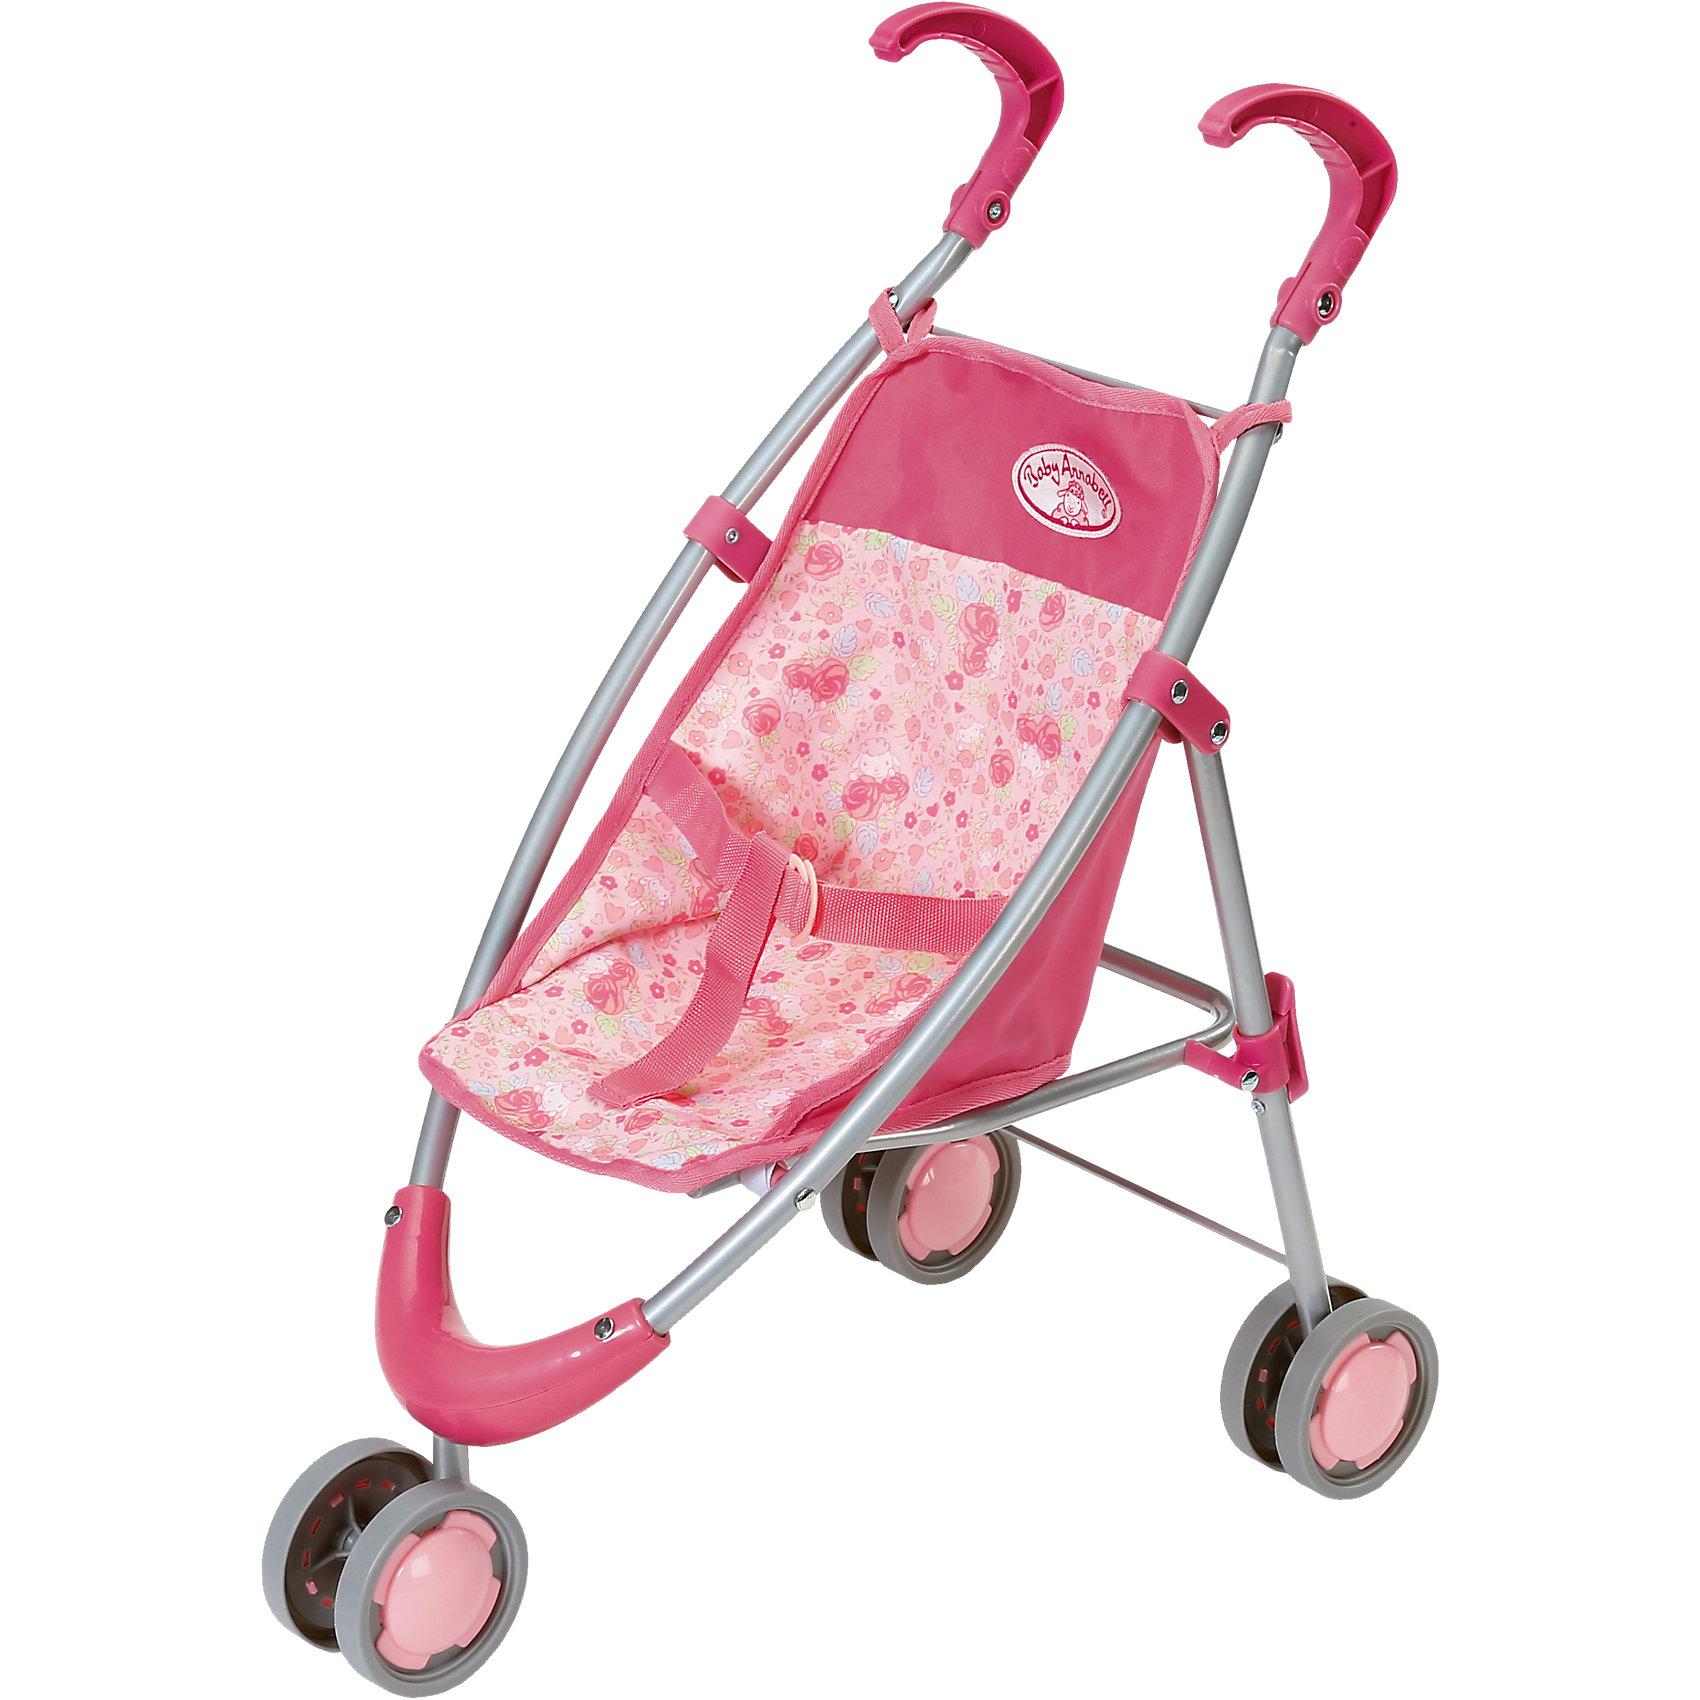 Коляска-тростьи, Baby AnnabellКоляски и транспорт для кукол<br>Эта яркая коляска выглядит как настоящая, с ней ваша девочка сможет гулять со своей малышкой Анабель где угодно. Каркас коляски выполнен из облегченного металла, ручки - из прочного пластика, двойные колеса обеспечивают высокую маневренность. Съемное тканевое сиденье можно постирать, ремни безопасности надежно зафиксируют куклу и не дадут ей упасть даже во время самых активных прогулок. Коляска легко и быстро складывается, занимает мало место при хранении и транспортировке. <br><br>Дополнительная информация:<br><br>- Материал: металл, пластик, текстиль.<br>- Размер: 65х36х14 см.<br>- Количество колес: 3 <br>- Съемное тканевой сиденье.<br>- Двойные колеса.<br>- Ремни безопасности.<br>- Коляска складывается.<br><br>Коляску-трость, Baby Annabell (Беби Анабель), можно купить в нашем магазине.<br><br>Ширина мм: 638<br>Глубина мм: 283<br>Высота мм: 107<br>Вес г: 773<br>Возраст от месяцев: 36<br>Возраст до месяцев: 60<br>Пол: Женский<br>Возраст: Детский<br>SKU: 4319351